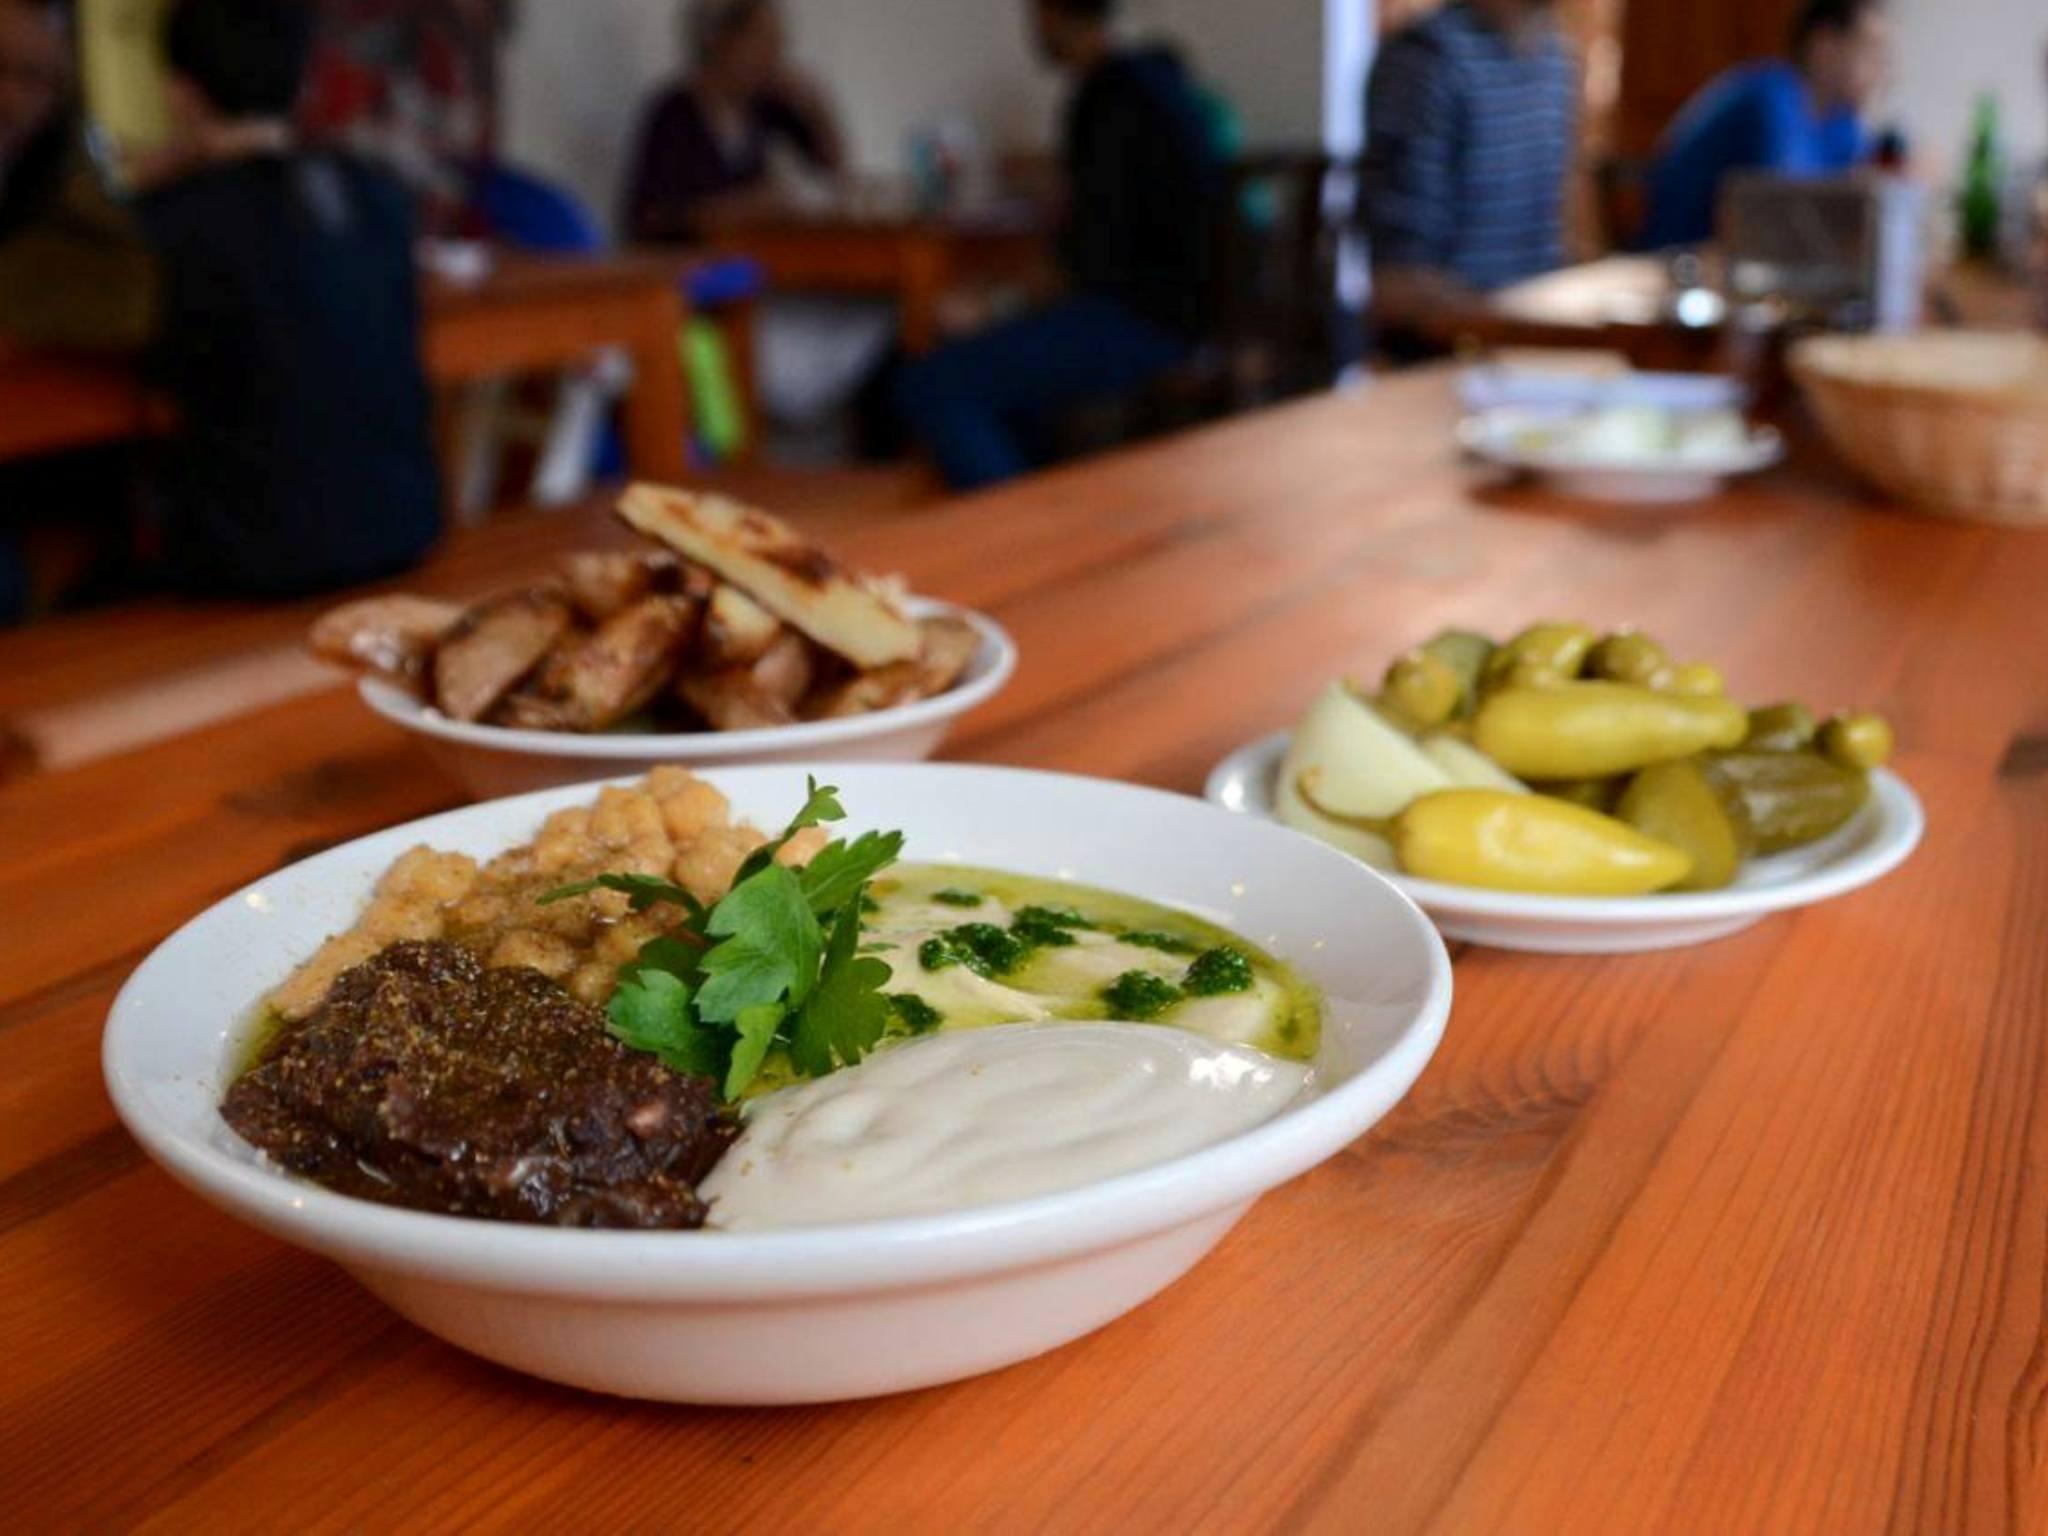 Hummus Bardicef